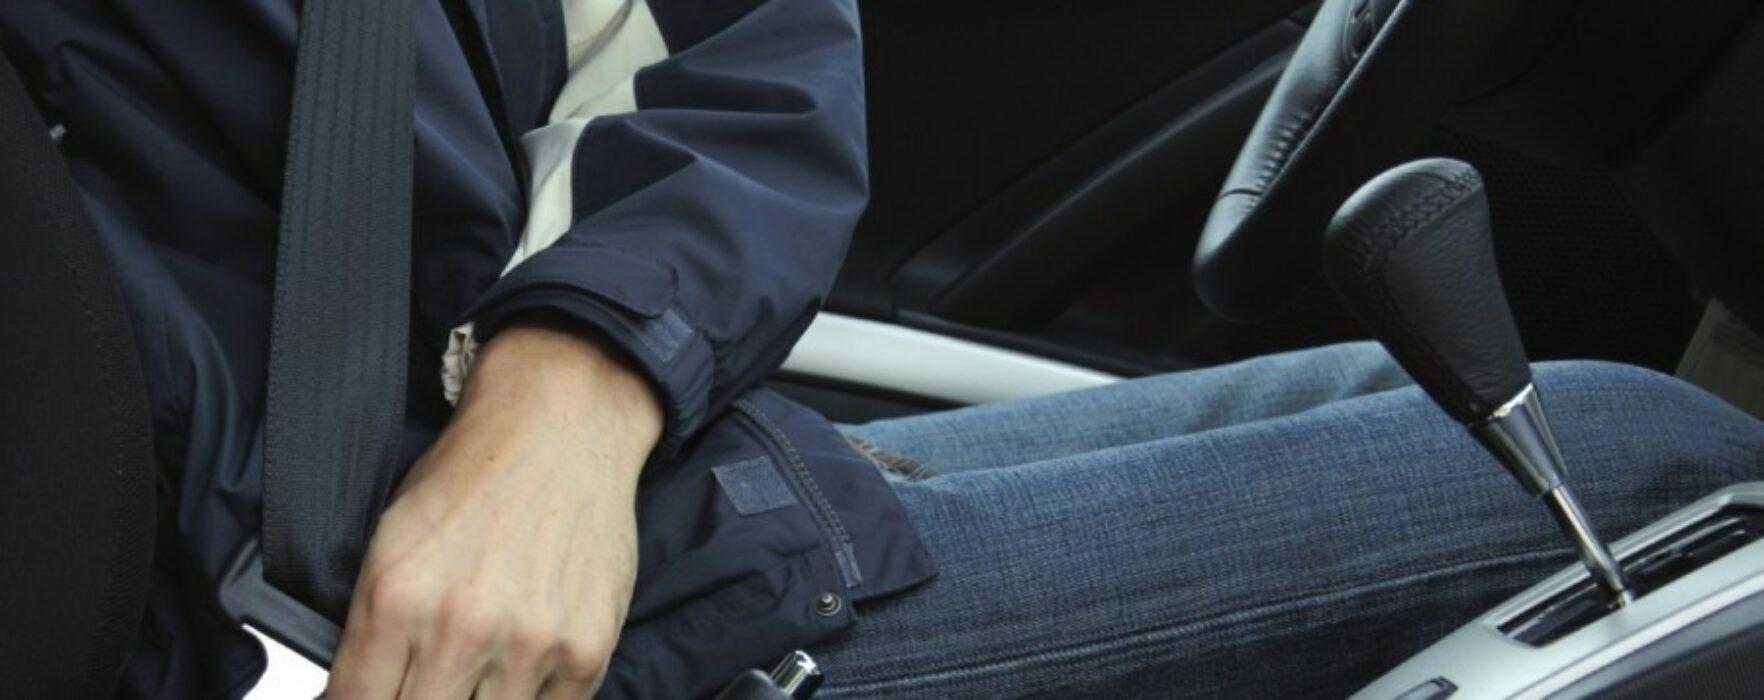 Dâmboviţa: Peste 1.000 de şoferi amendaţi pentru nepurtarea centurii de siguranţă